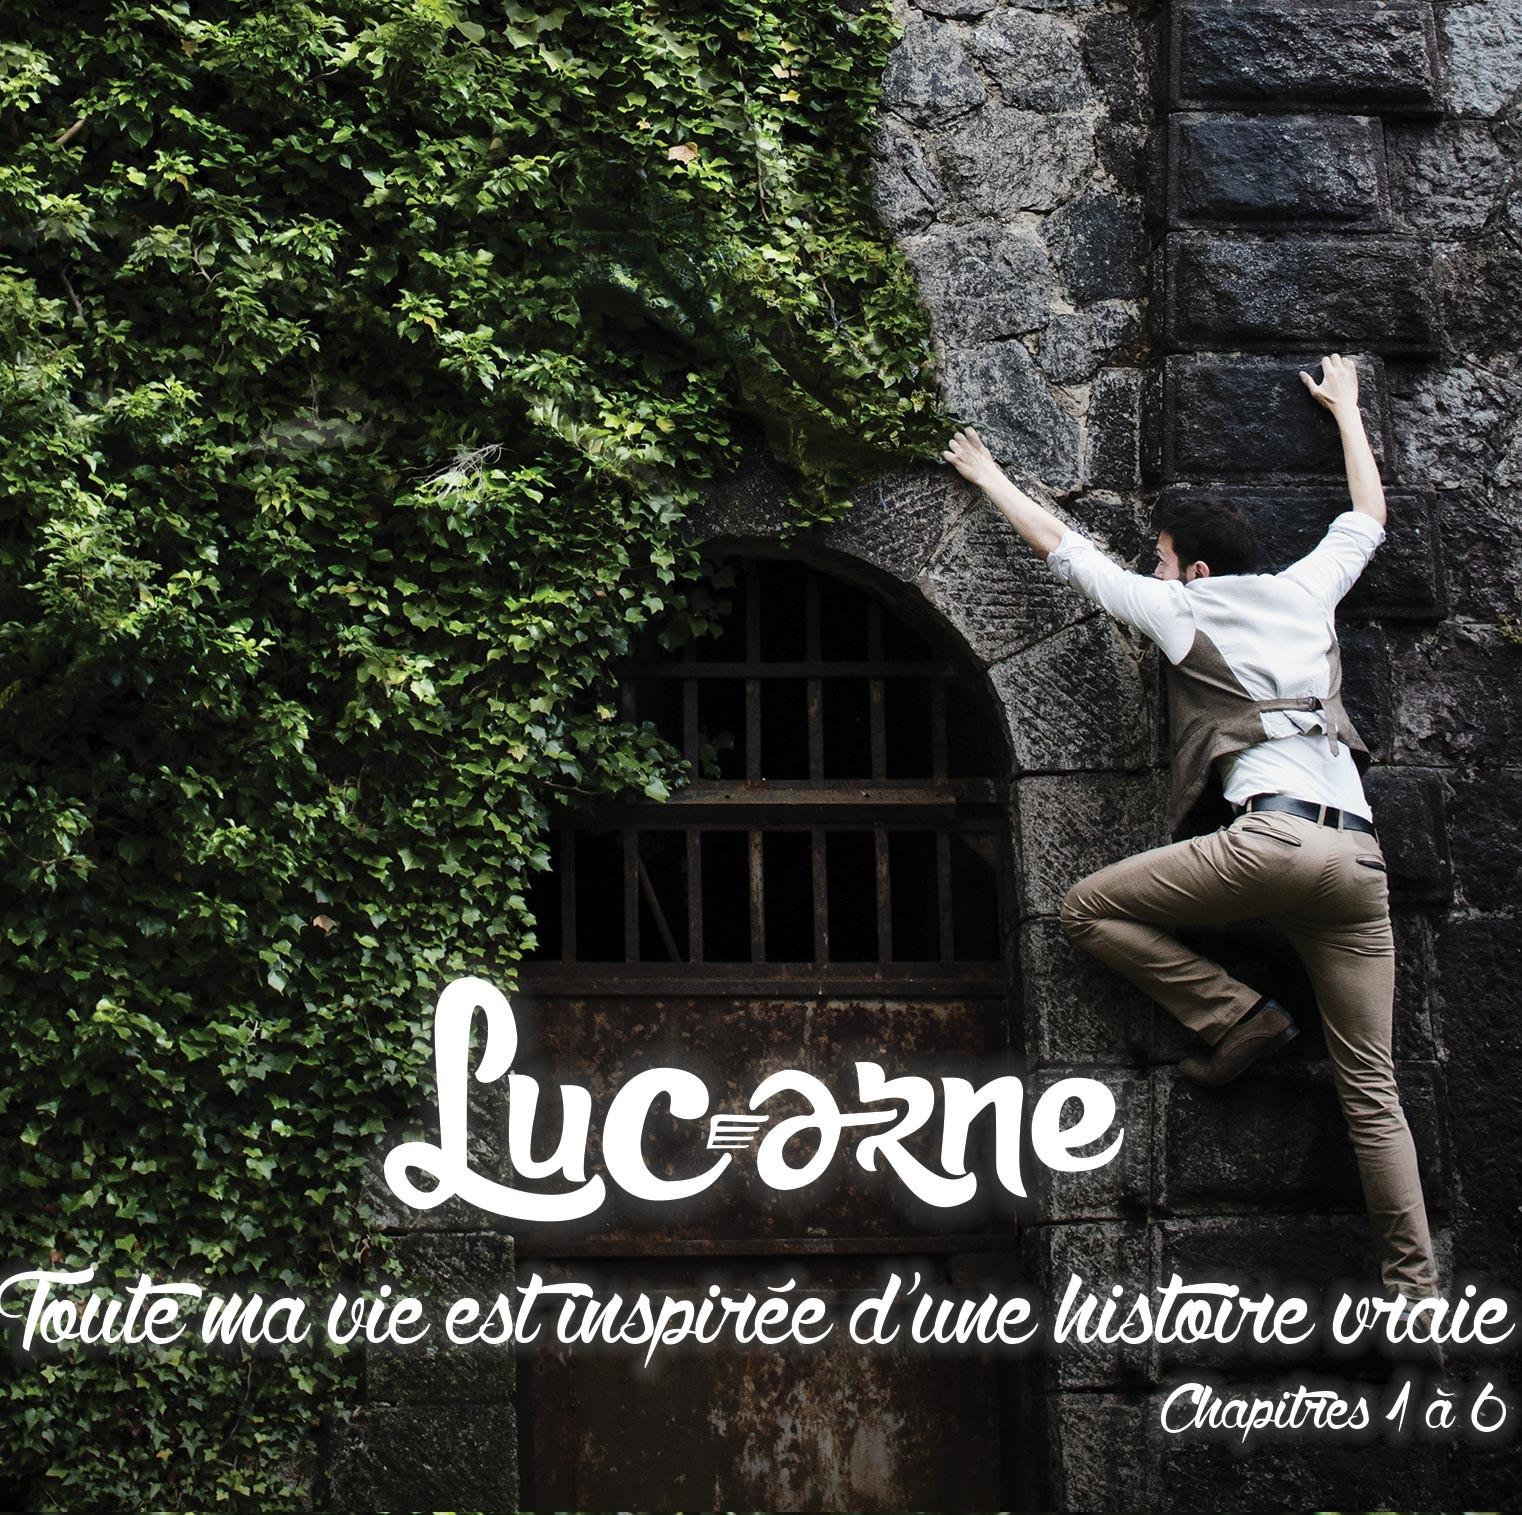 Lucarne : Toute ma vie est inspirée d'une histoire vraie (chapitres 1 à 6)